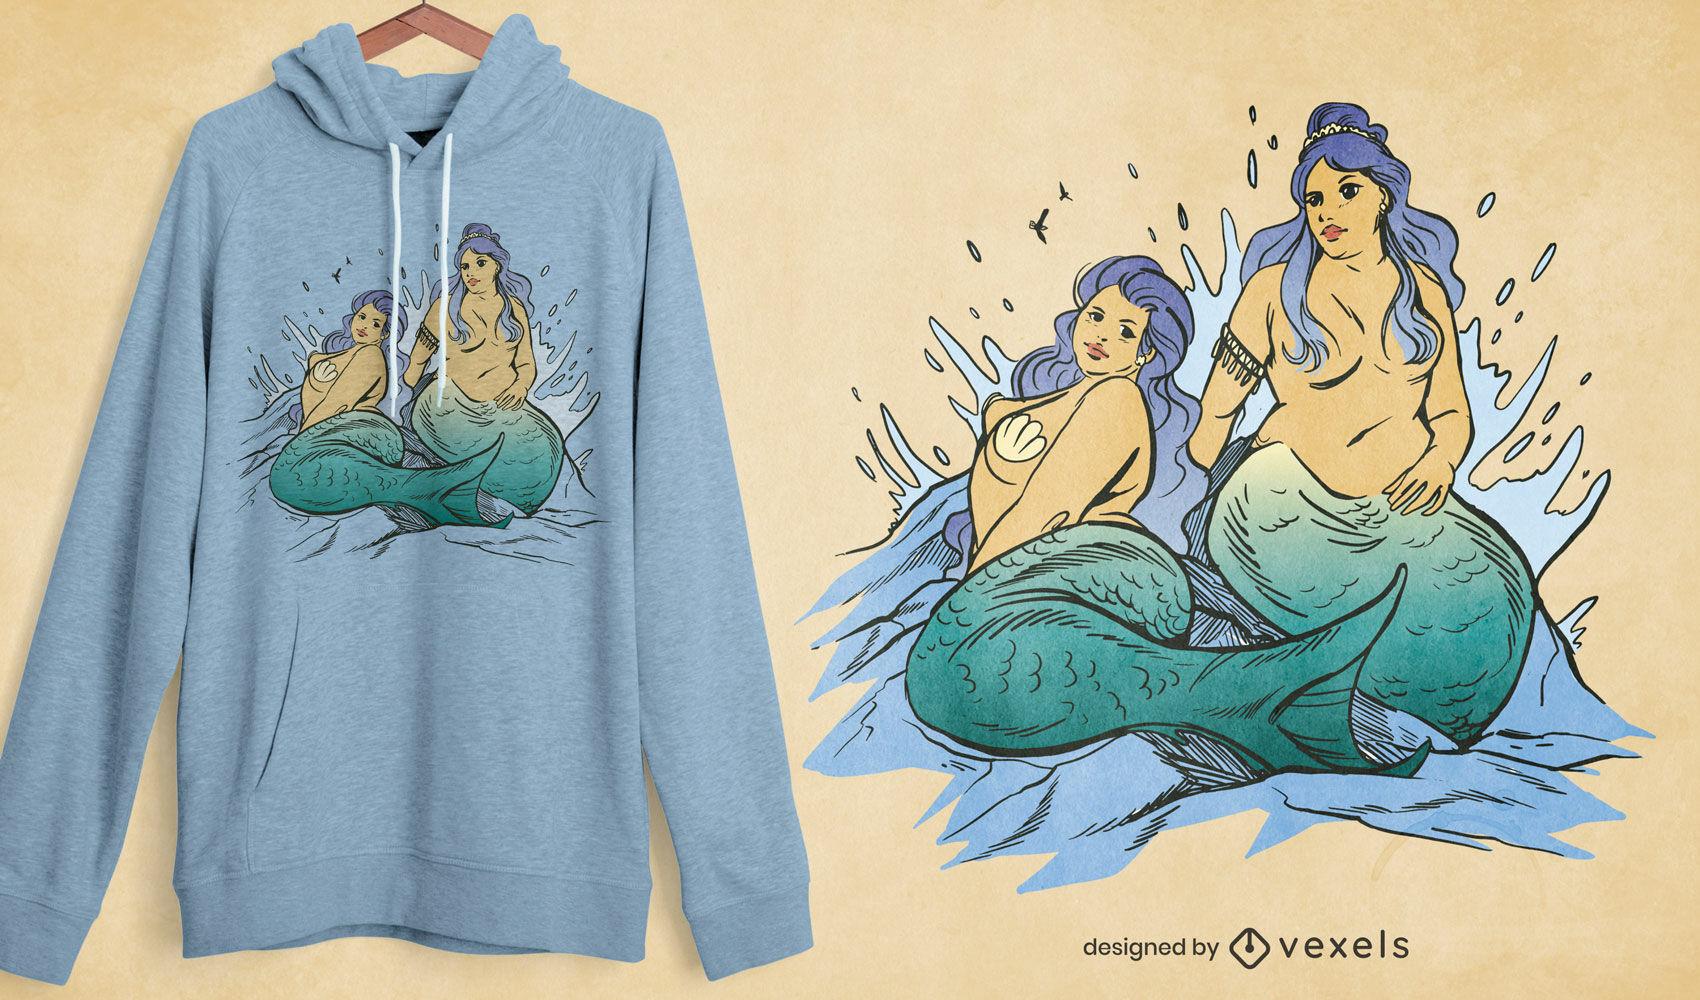 Plus sized mythological mermaids t-shirt design